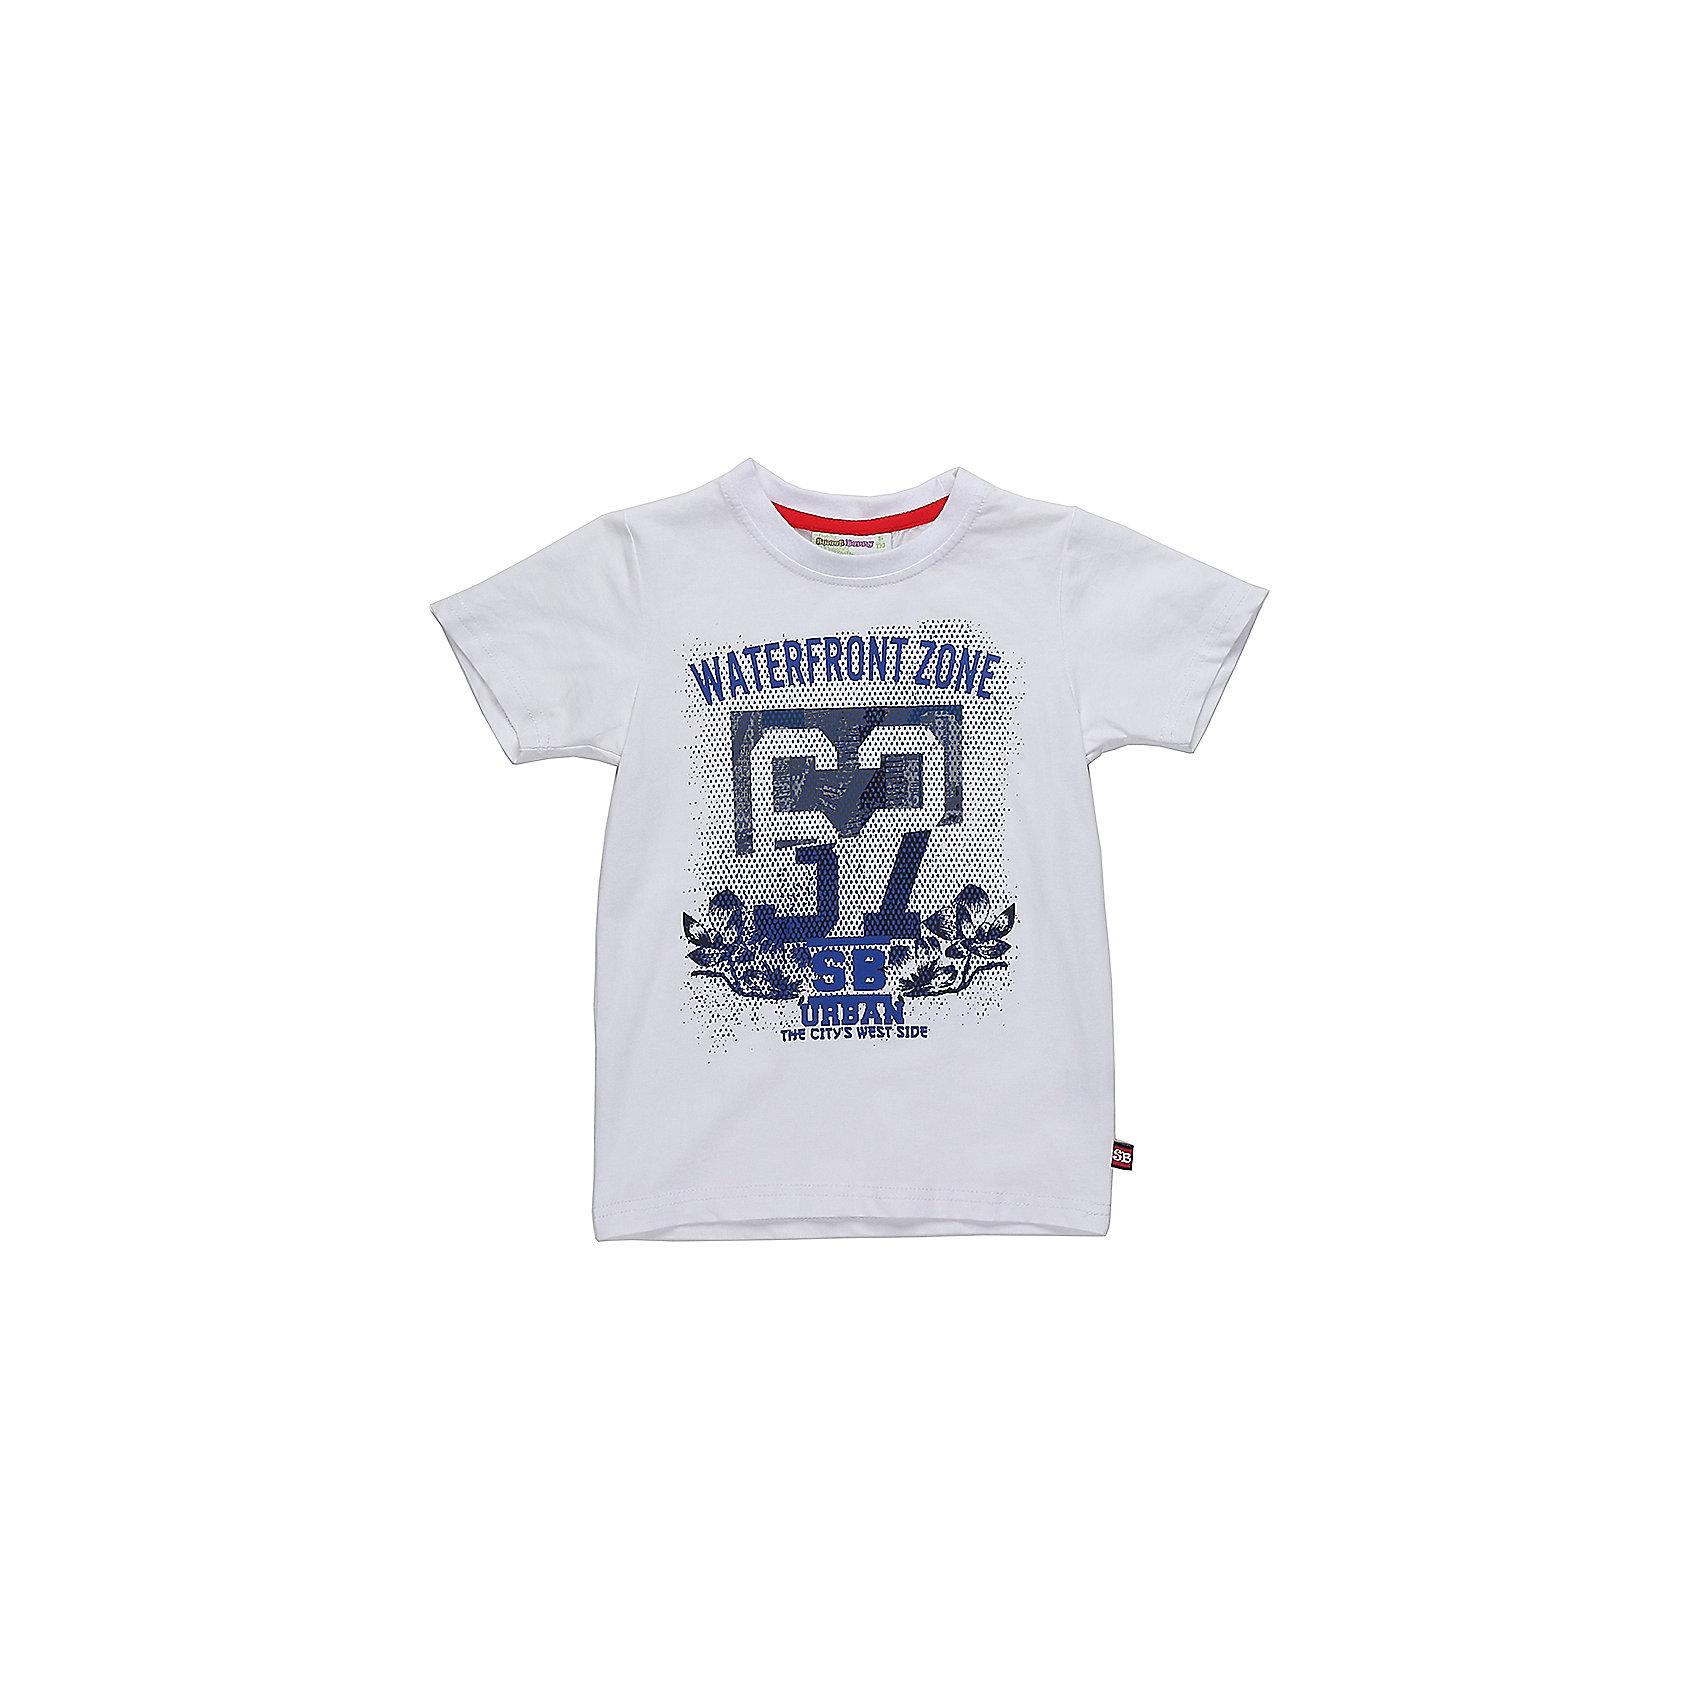 Футболка для мальчика Sweet BerryФутболки, поло и топы<br>Белая трикотажная футболка для мальчиков. Хлопковая ткань с эластаном не линяет, хорошо отстирывается и держит форму. Впереди - принт с синими буквами на серо-белом фоне. Такая футболка может быть полезна ребенку летом как отражающая солнечные лучи одежда. А сочетание цветов подчеркивает ее стильность и нарядность.<br>Состав:<br>95%хлопок 5%эластан<br><br>Ширина мм: 199<br>Глубина мм: 10<br>Высота мм: 161<br>Вес г: 151<br>Цвет: белый<br>Возраст от месяцев: 36<br>Возраст до месяцев: 48<br>Пол: Мужской<br>Возраст: Детский<br>Размер: 98,110,116,104,122,128<br>SKU: 5410498